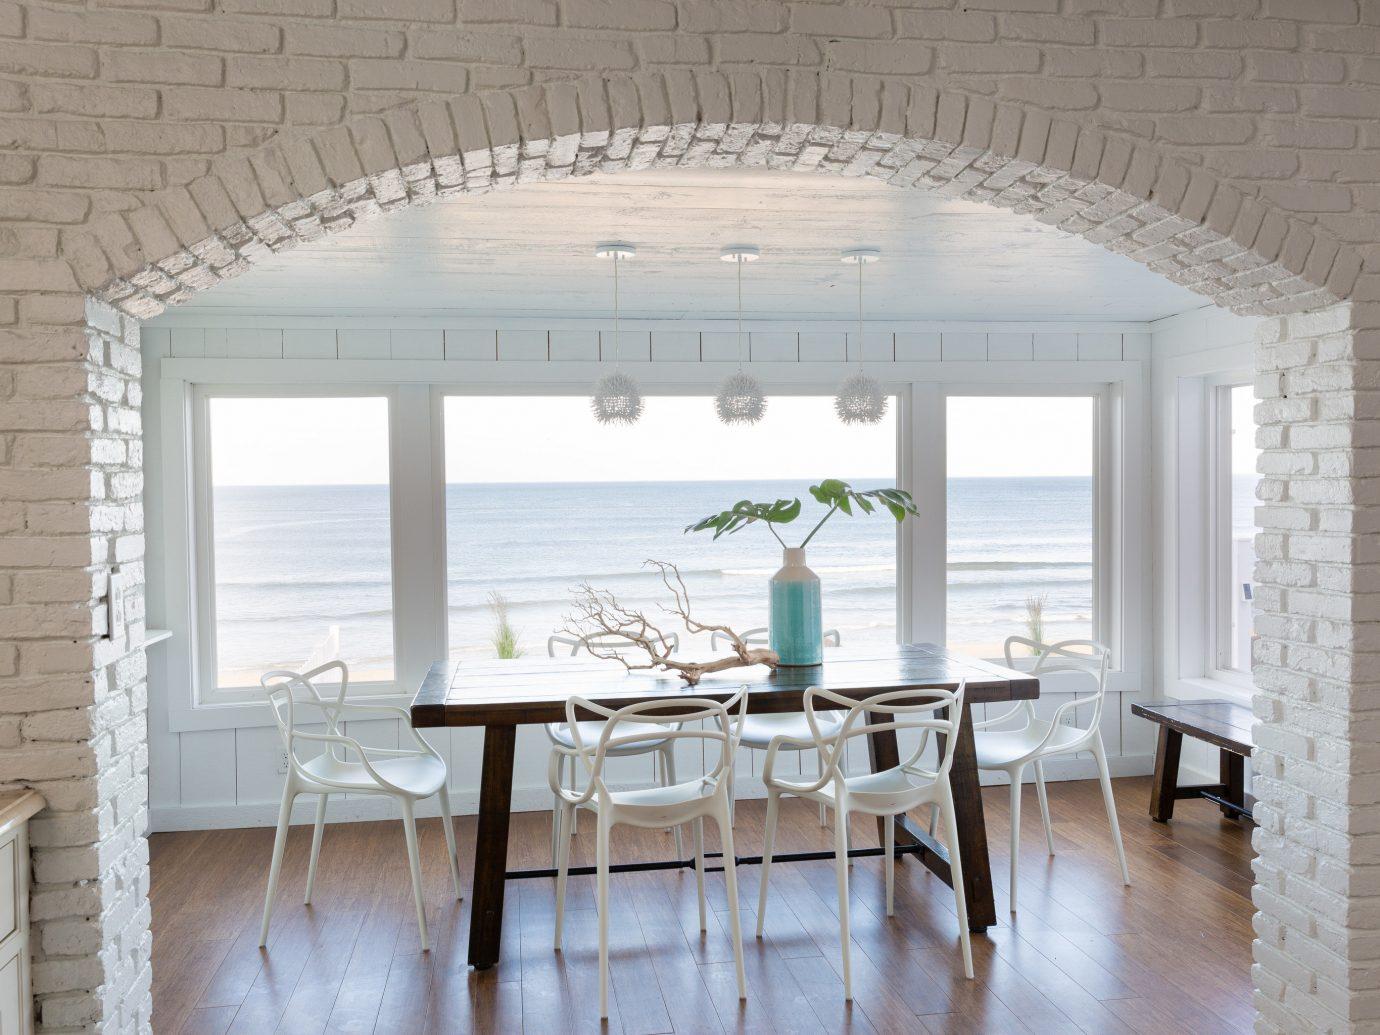 Table overlooking the ocean at Blue Inn on the Beach, MA